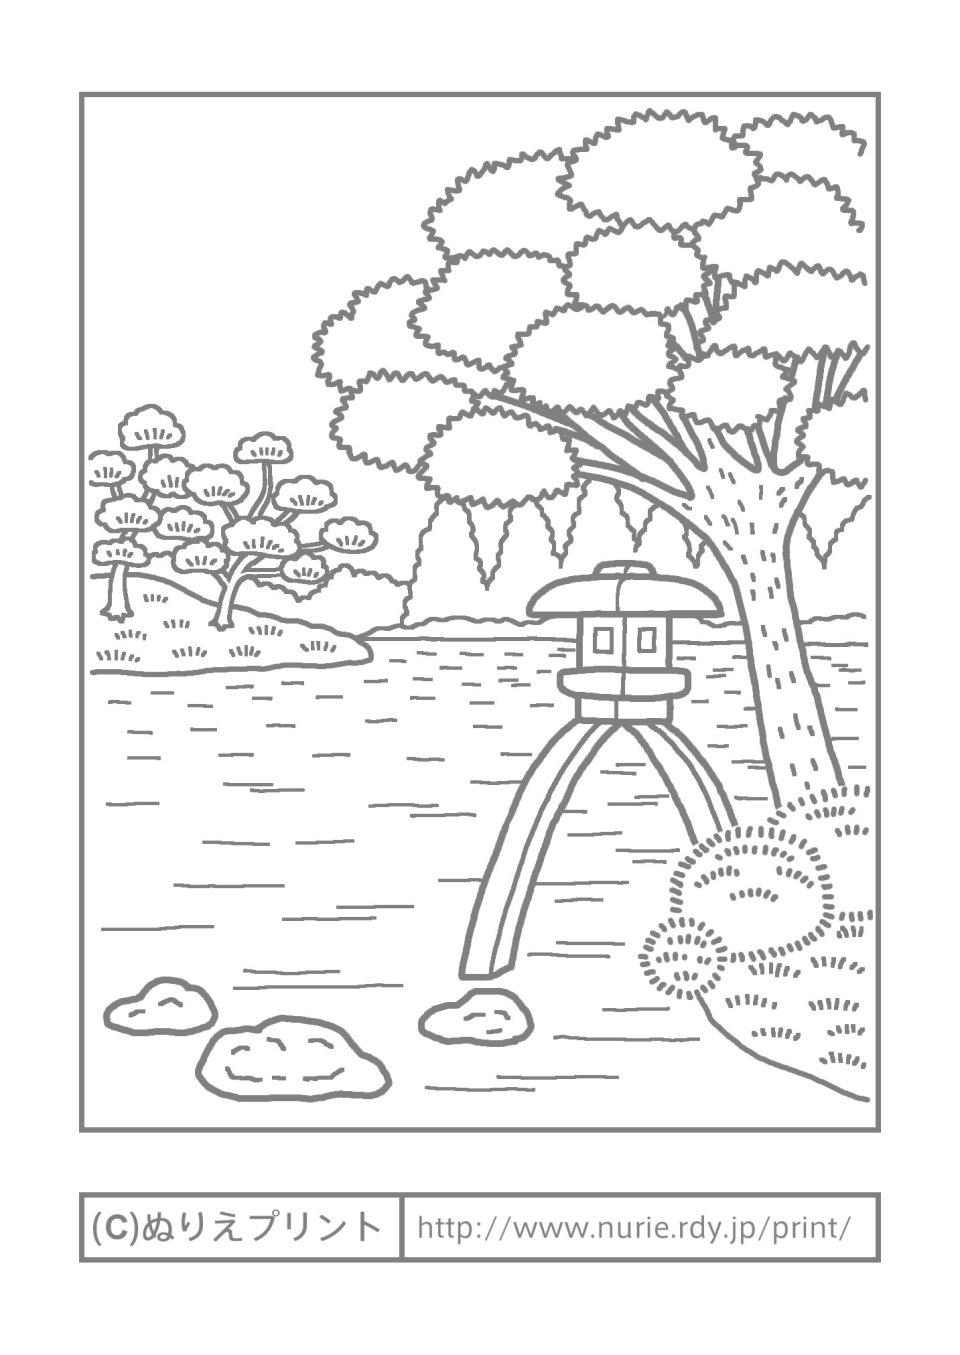 日本の名所2/風景/大人の塗り絵/無料ぬりえ